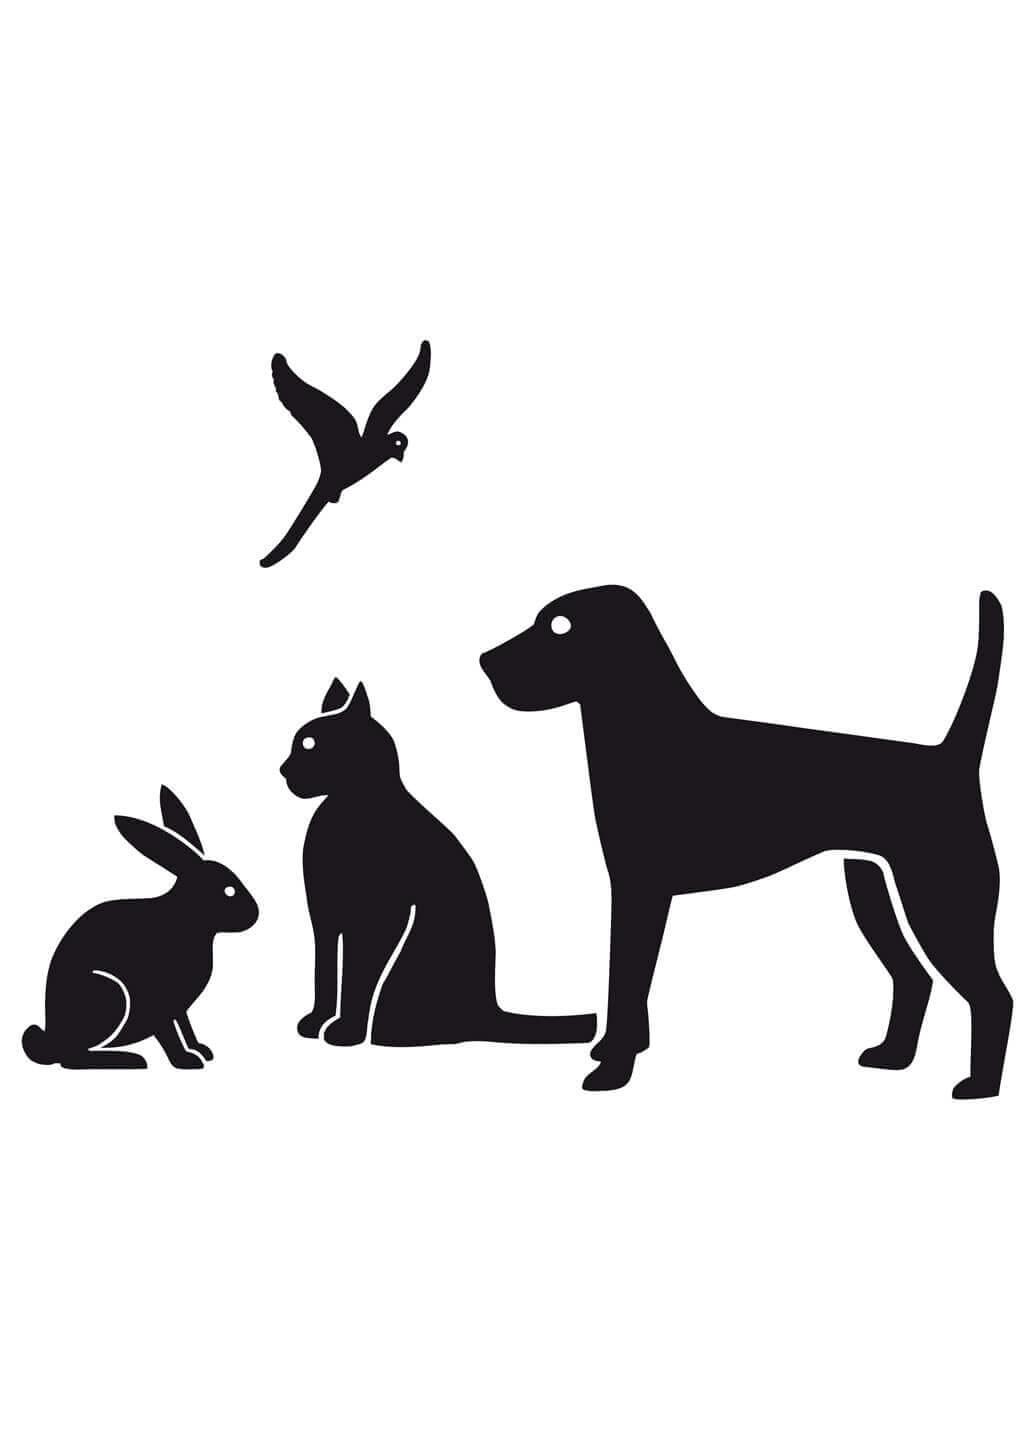 Motiv 5 (Hund, Katze, Vogel, Kaninchen)